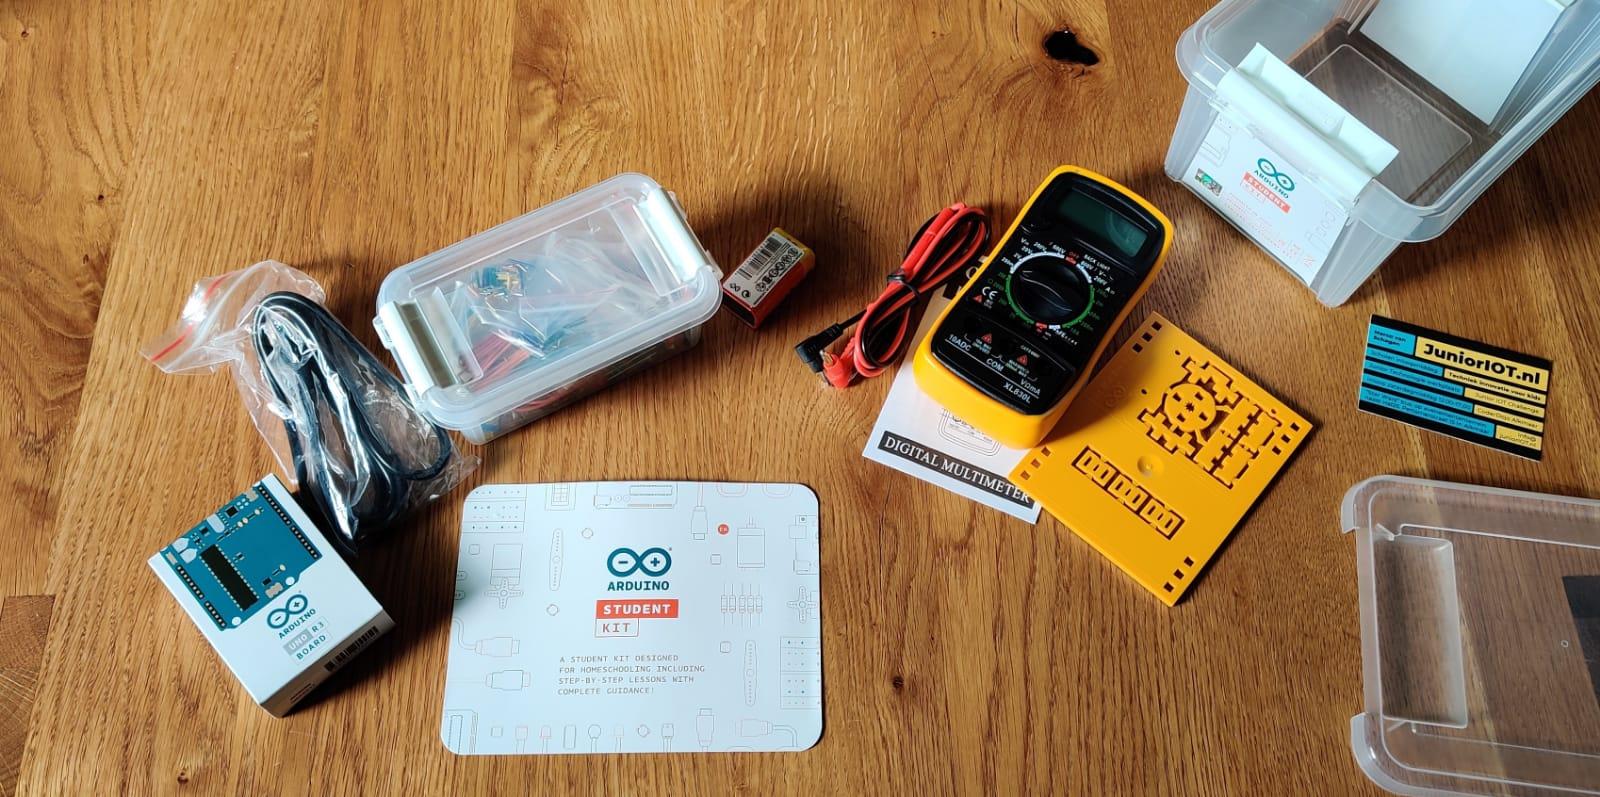 Blog – Aan de slag met de Arduino Student Kit en de online lessen van Arduino